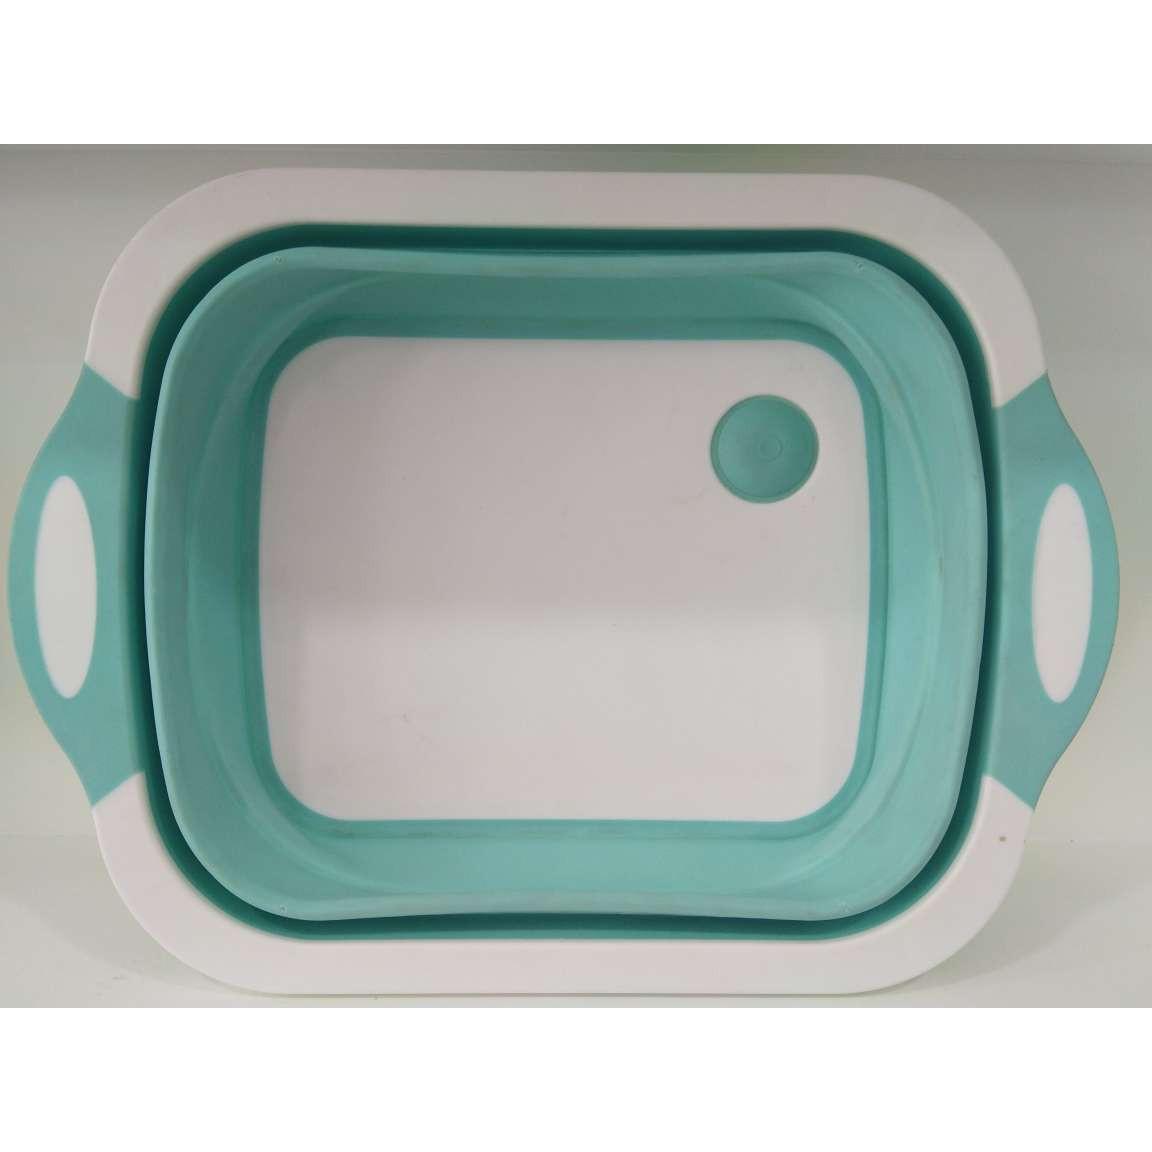 Thớt nhựa gấp gọn đa năng kiêm chậu rửa có lỗ thoát nước